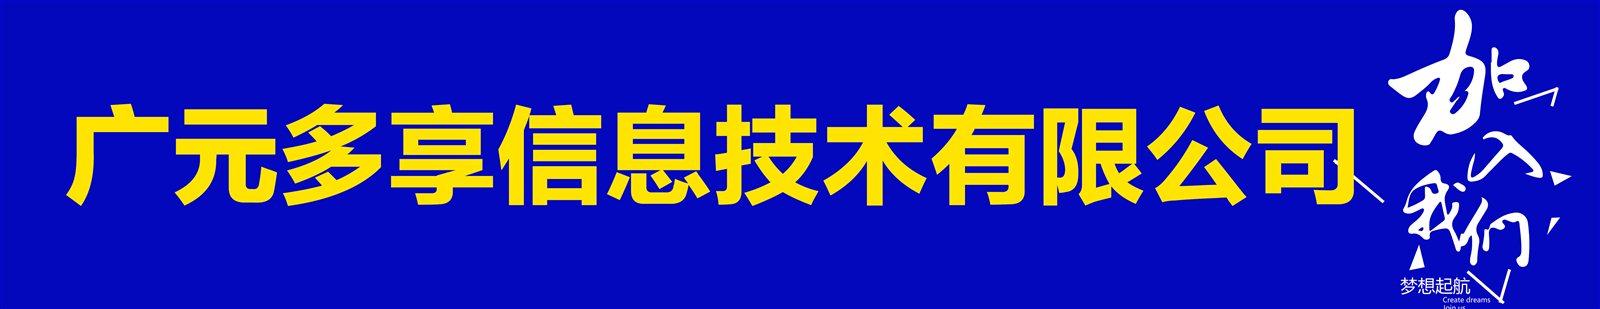 广元多享信息技术有限公司